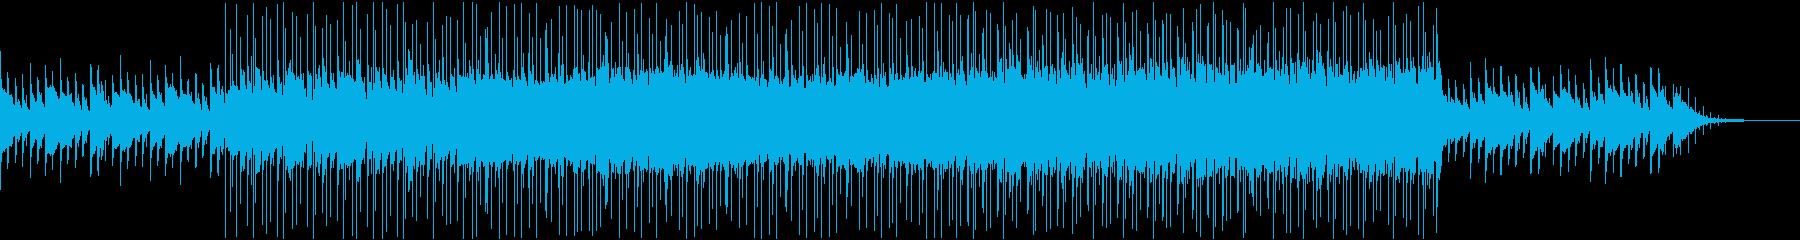 朝の爽やかな空気を吸い込むBGMの再生済みの波形